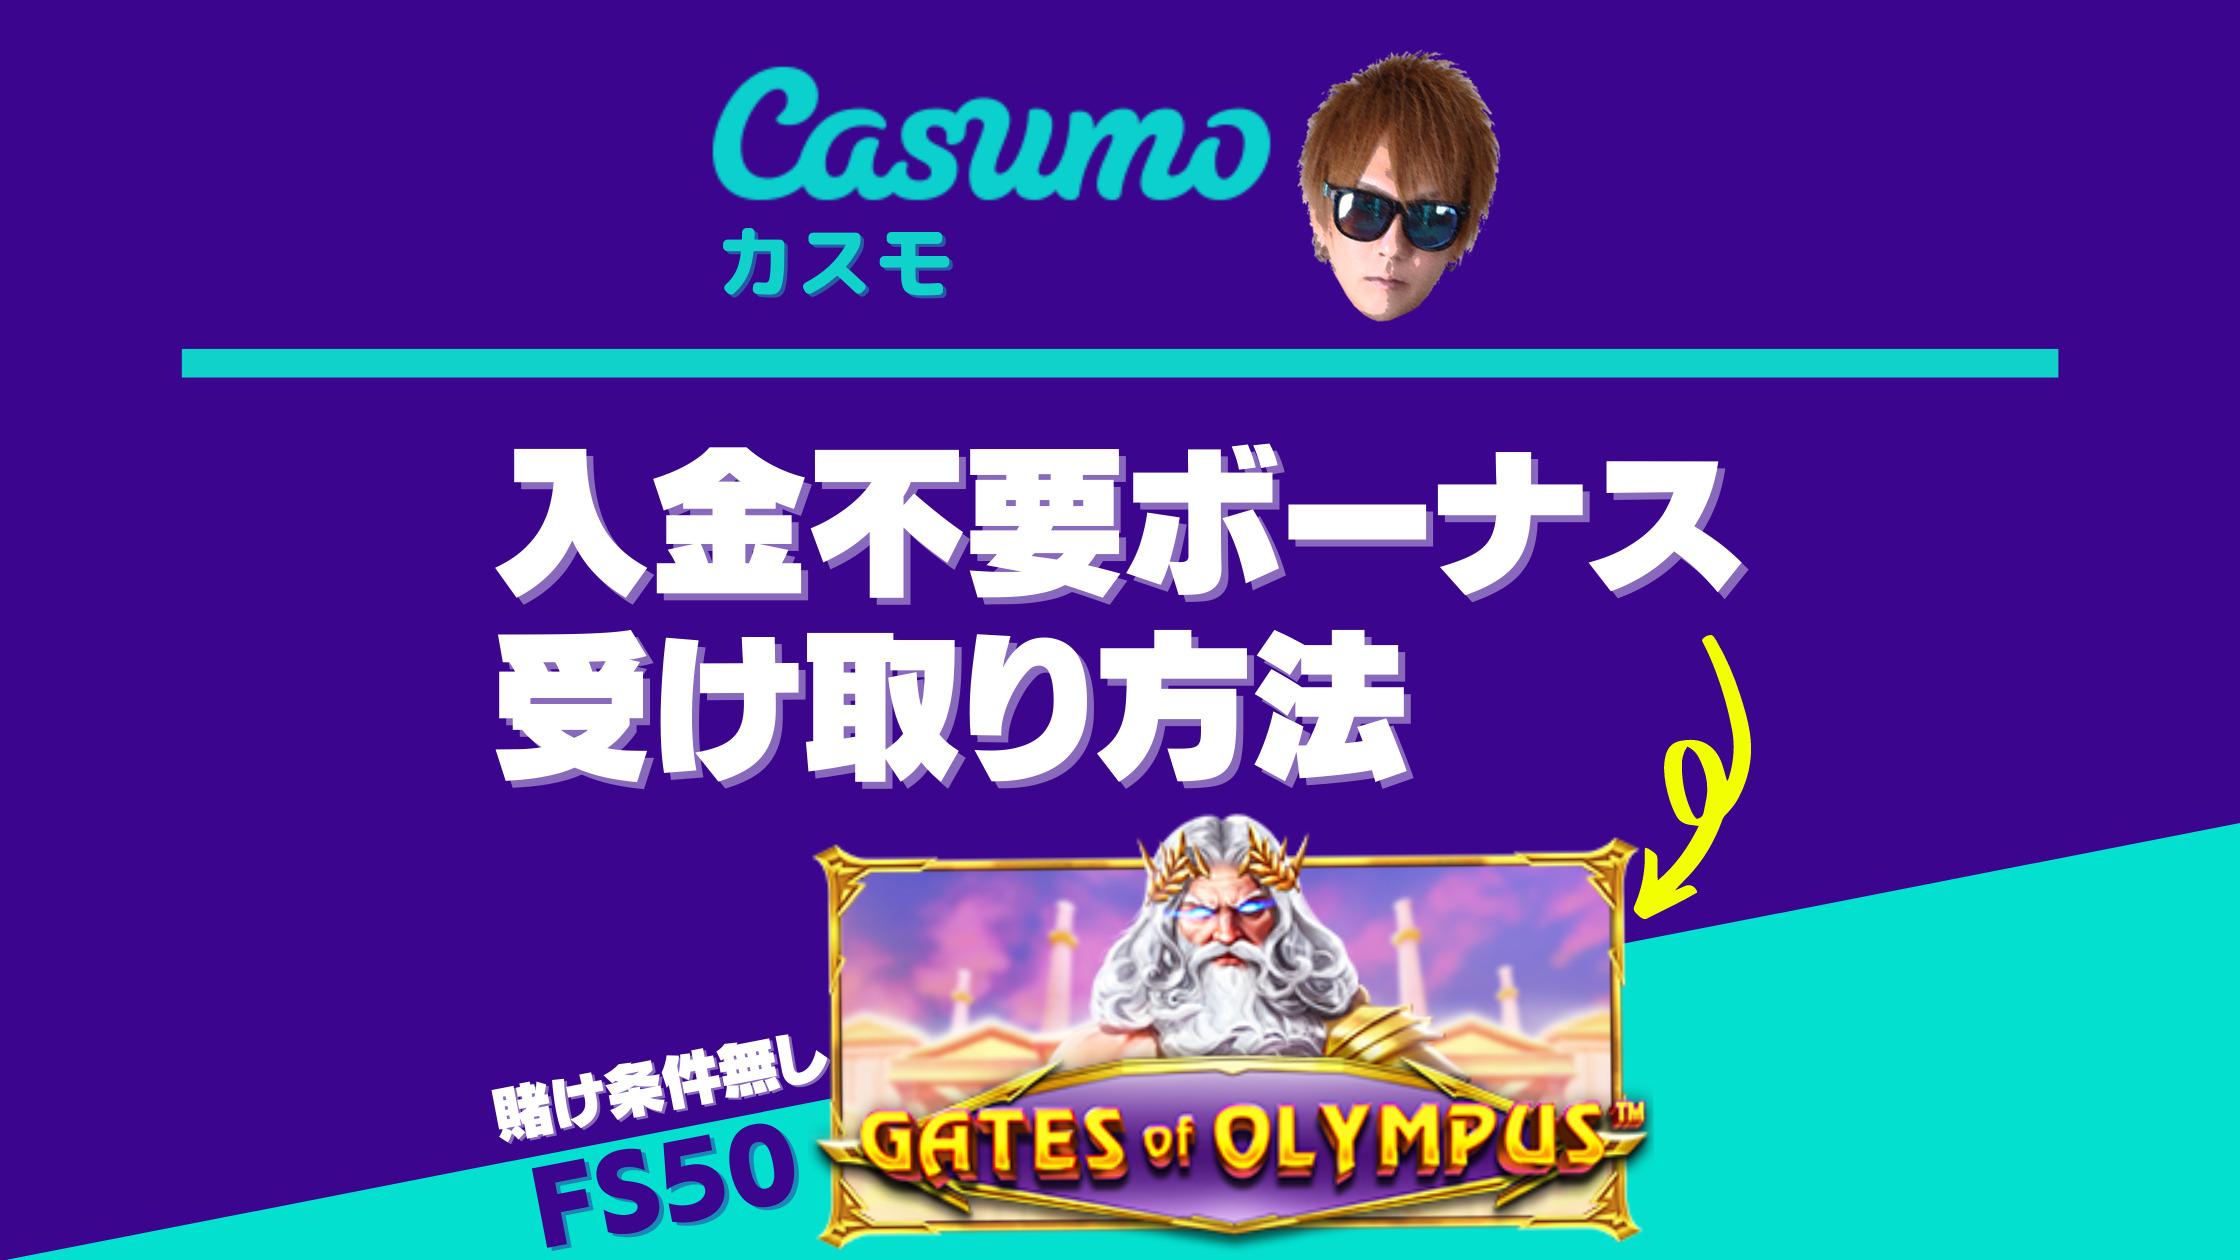 【カスモ】入金不要ボーナスの受け取り方法、登録方法も解説!